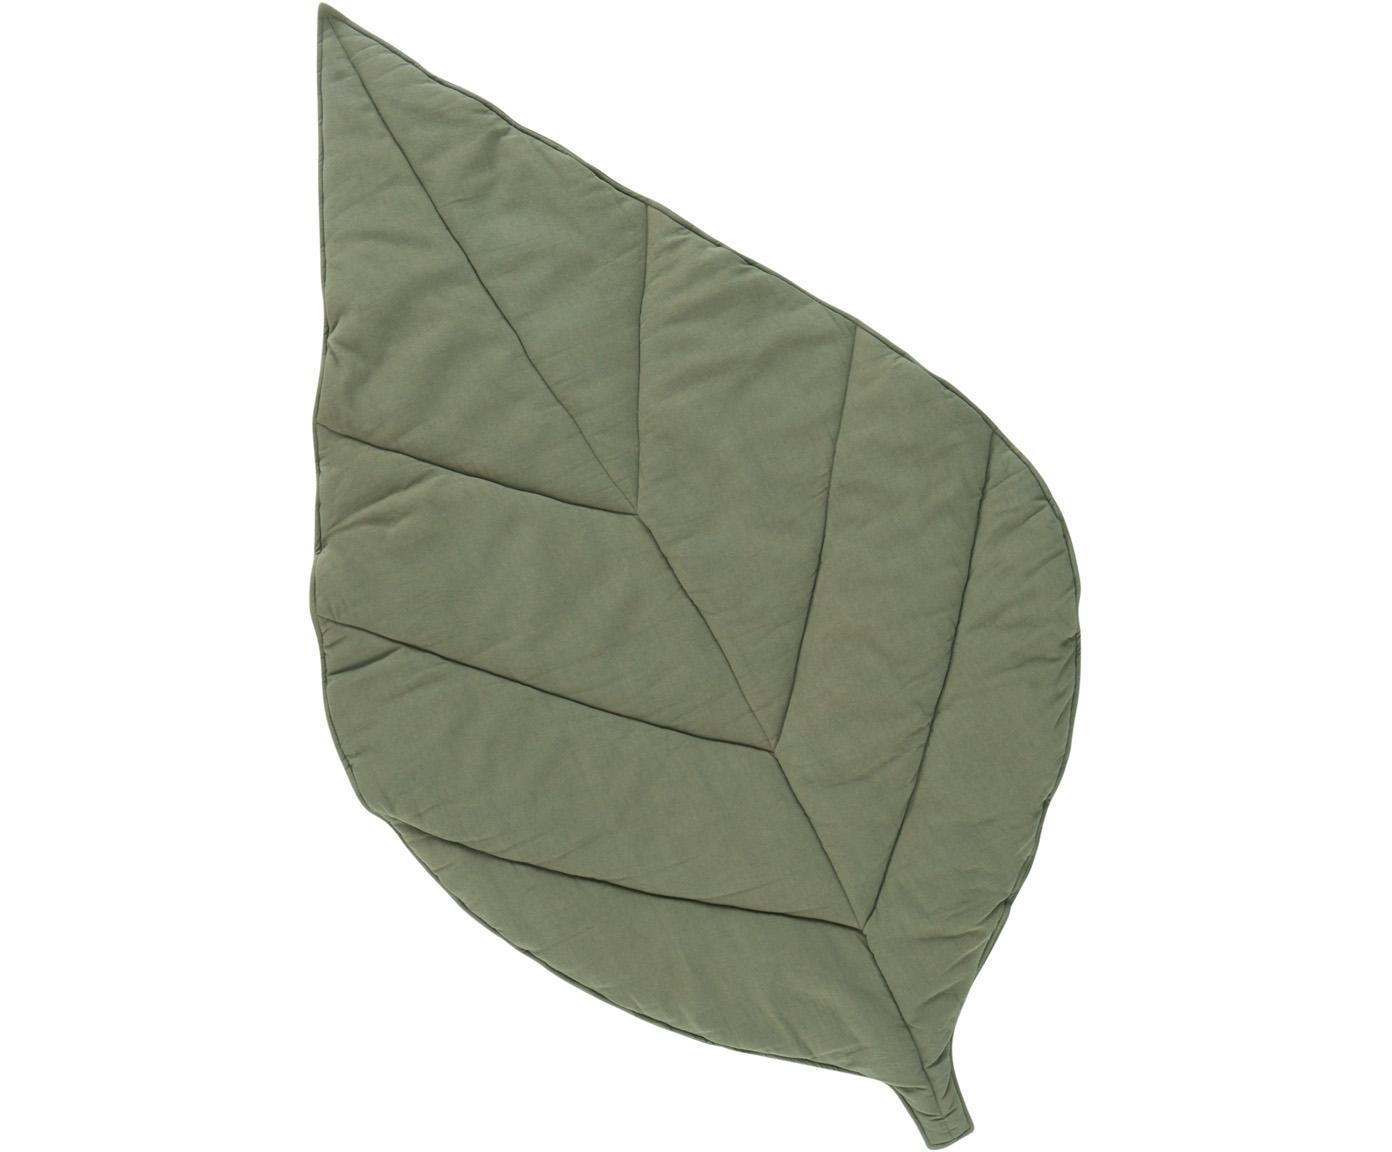 Tappeto da gioco Keaton, Rivestimento: 100% cotone bio, Verde, Larg. 100 x Lung. 165 cm